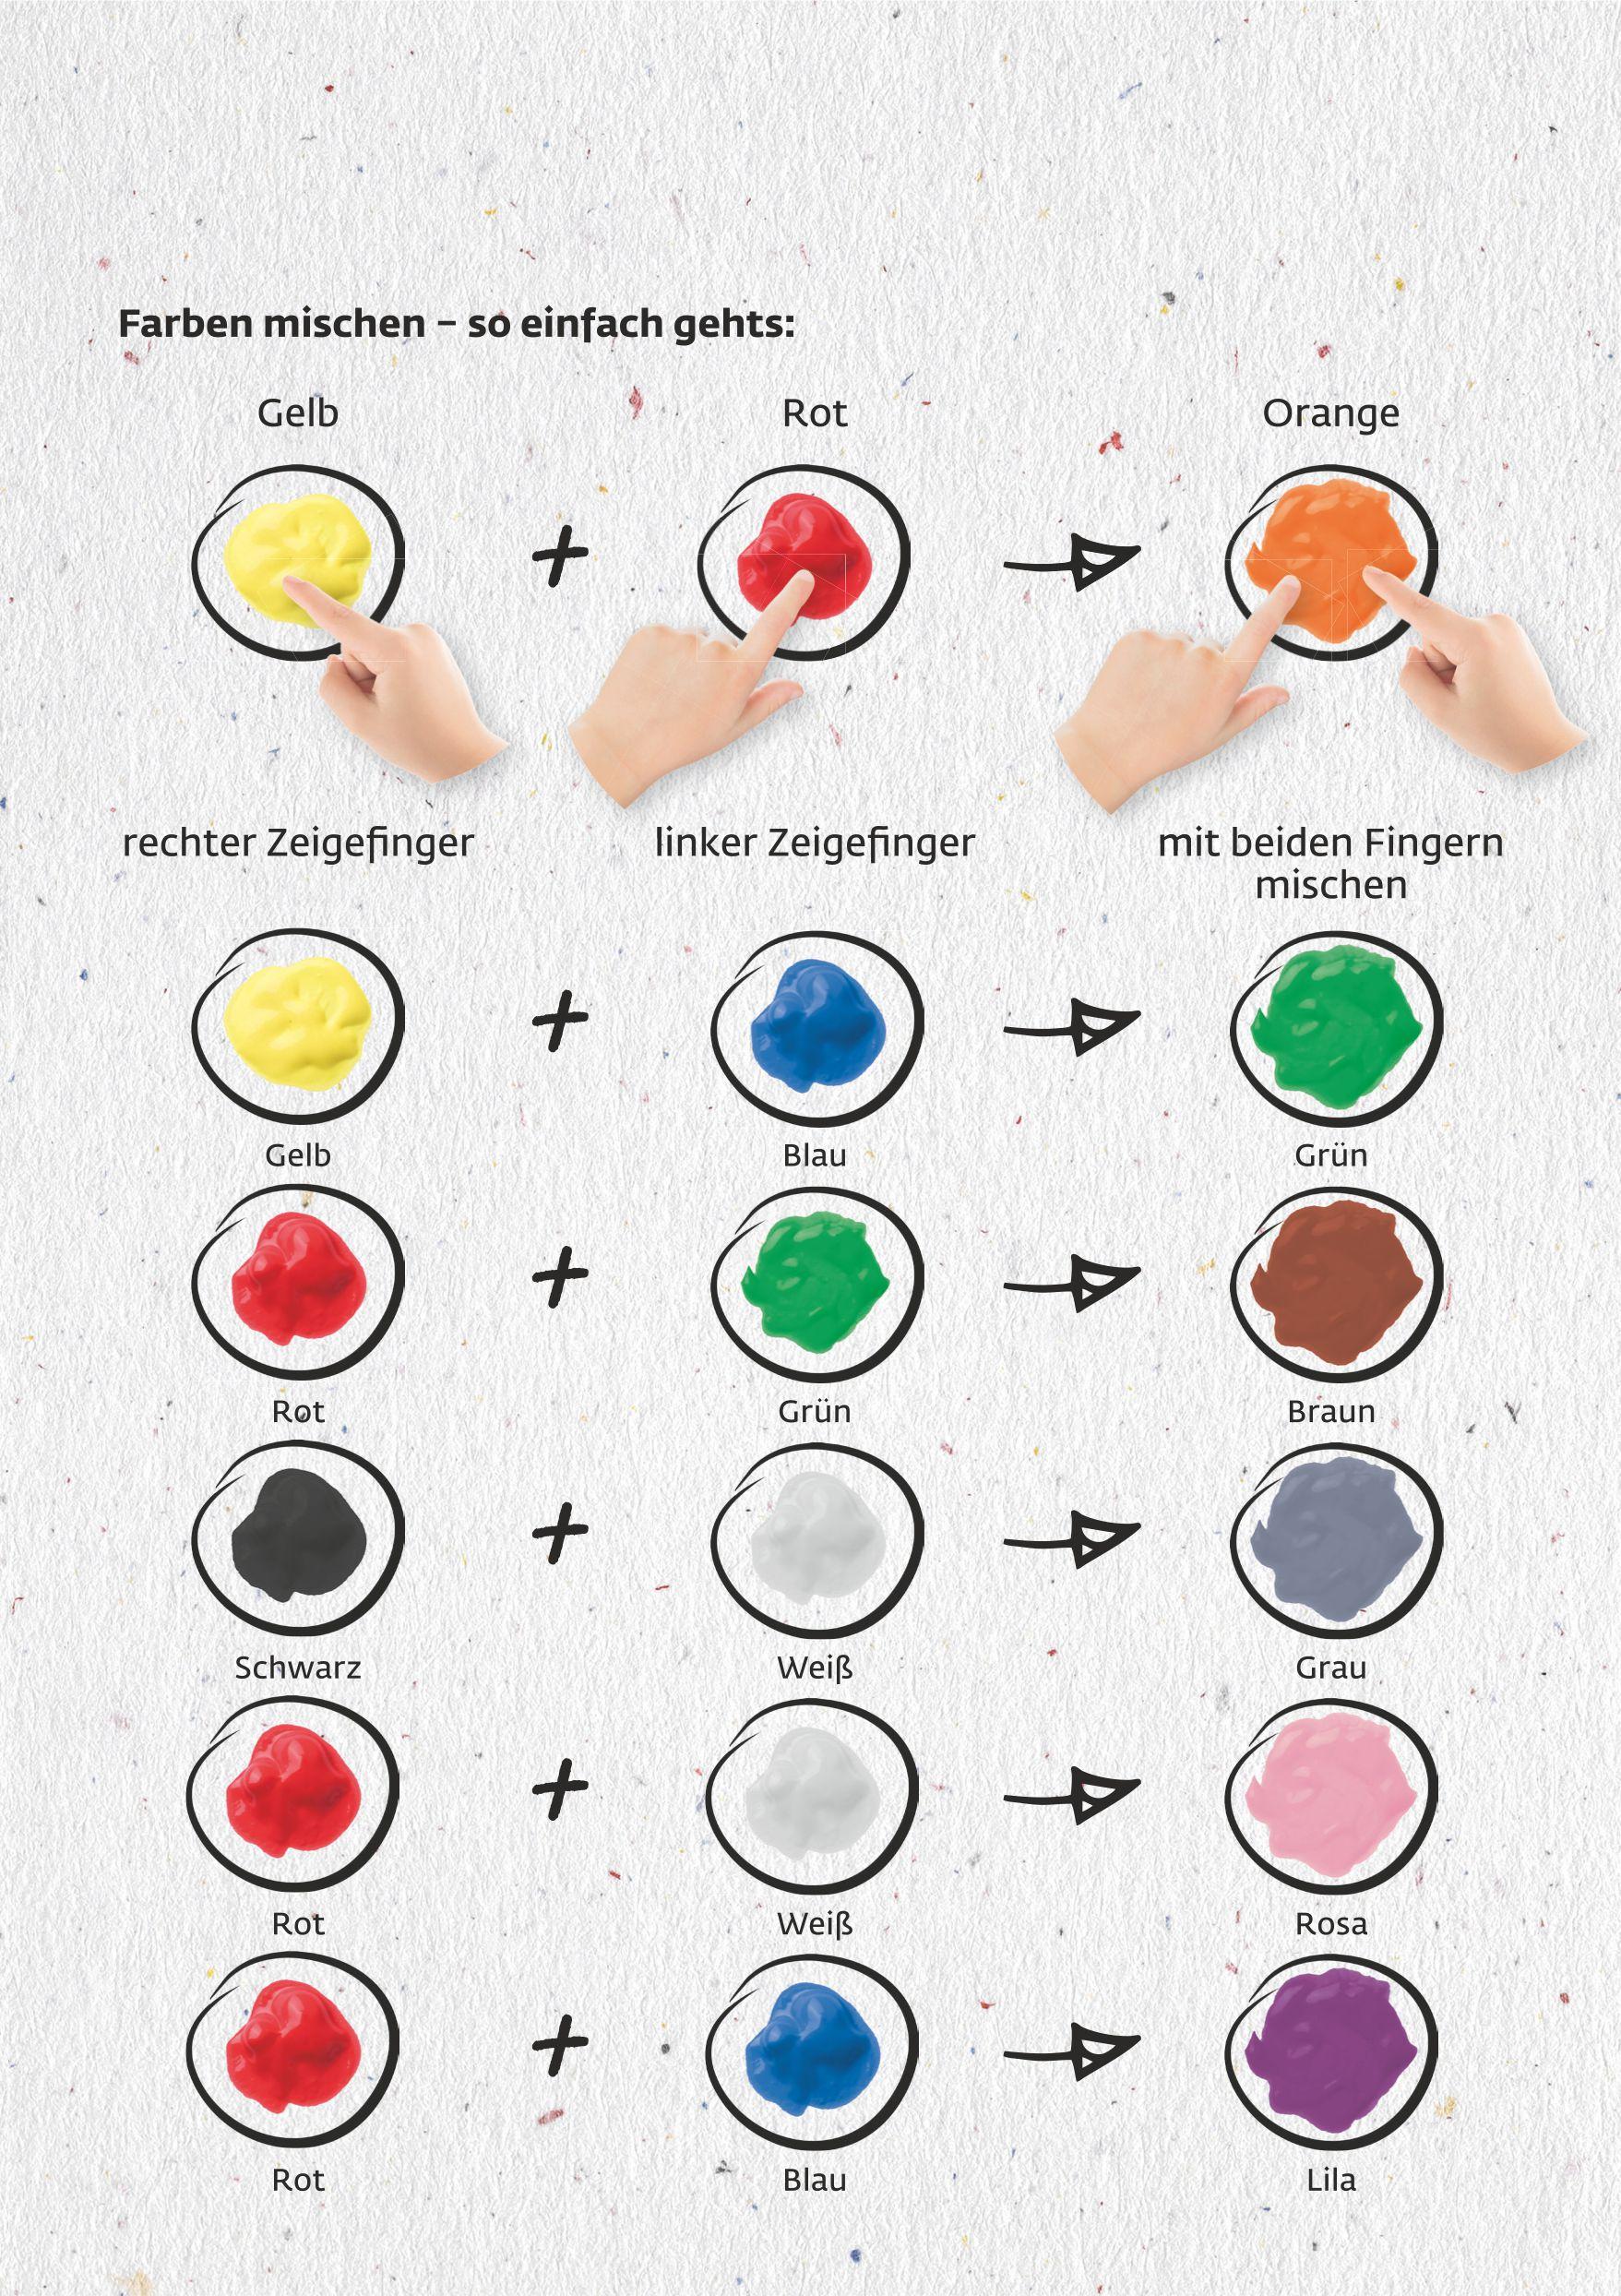 window color bastelbedarf g nstig kaufen mucki farben spiel kiste kauf auf rechnung. Black Bedroom Furniture Sets. Home Design Ideas